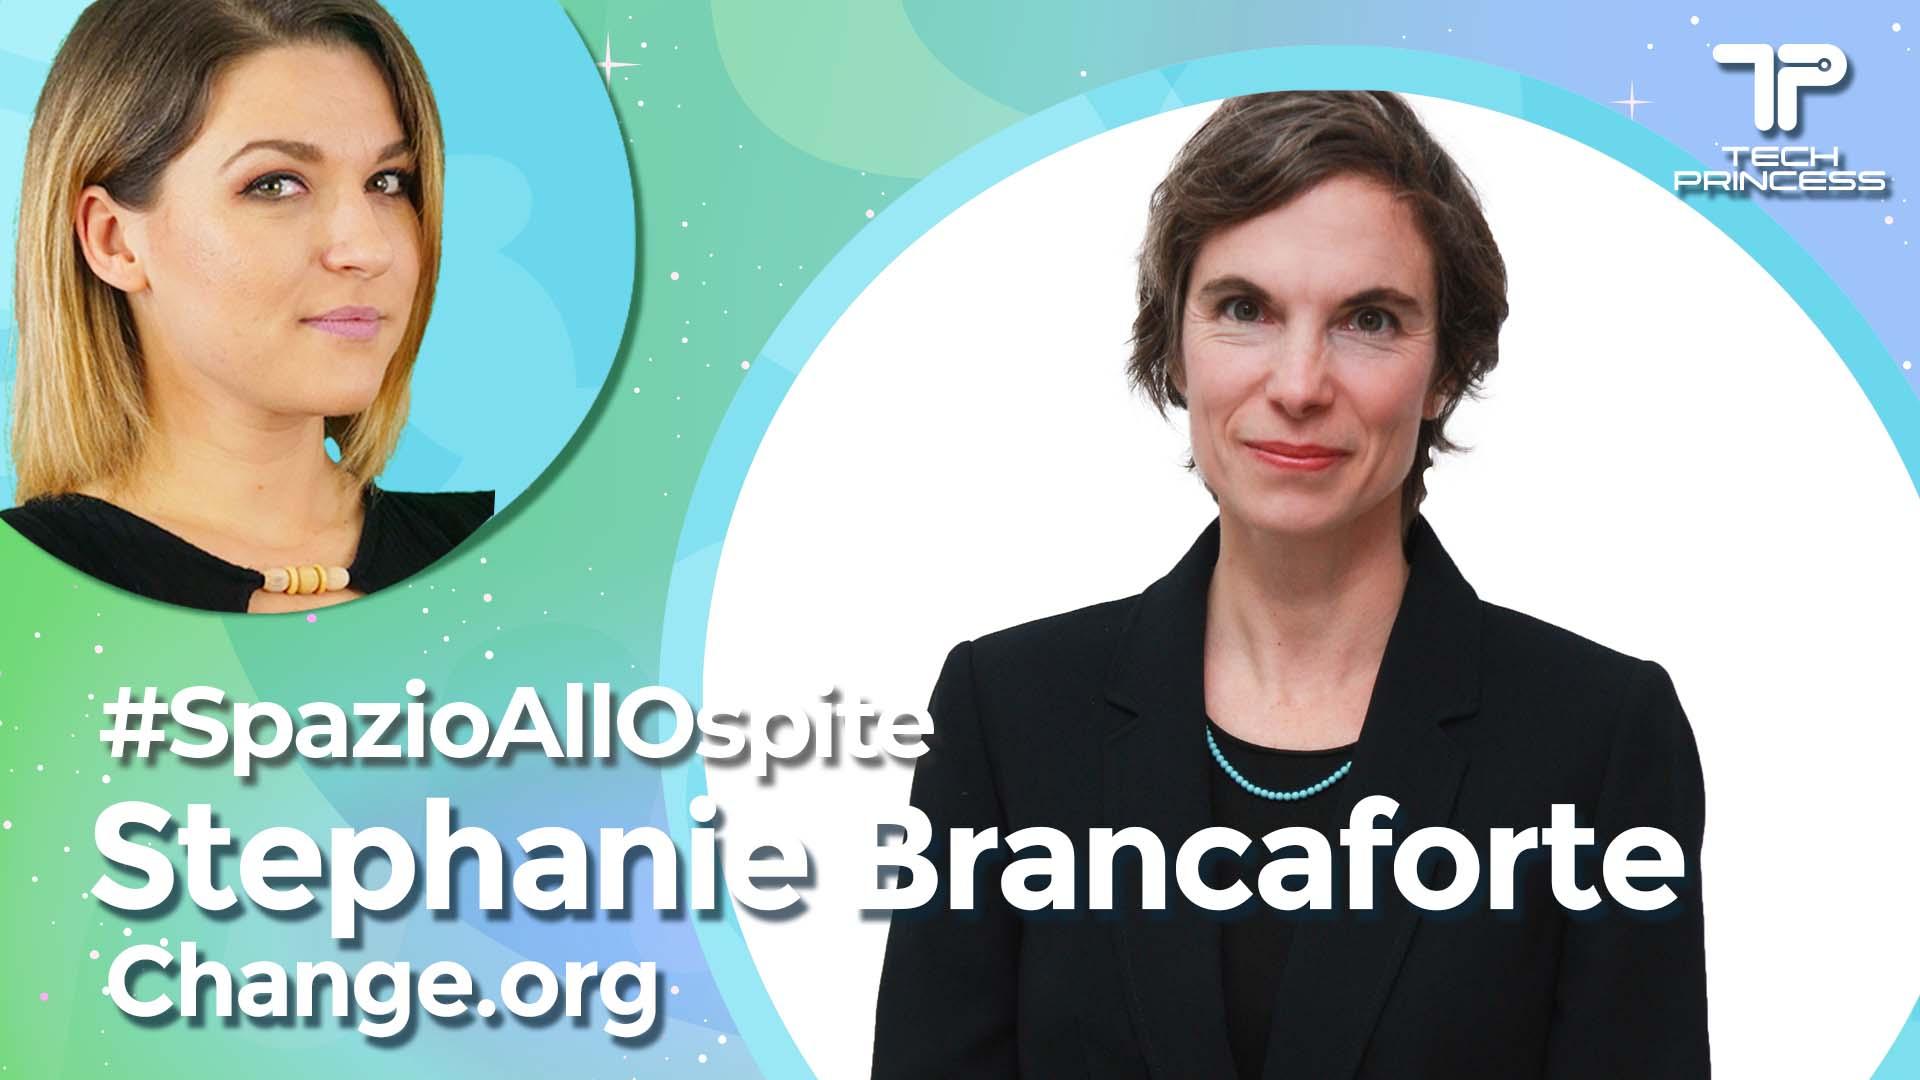 Stephanie Brancaforte: come funziona Change.org? Intervista in live | SpazioAllOspite thumbnail